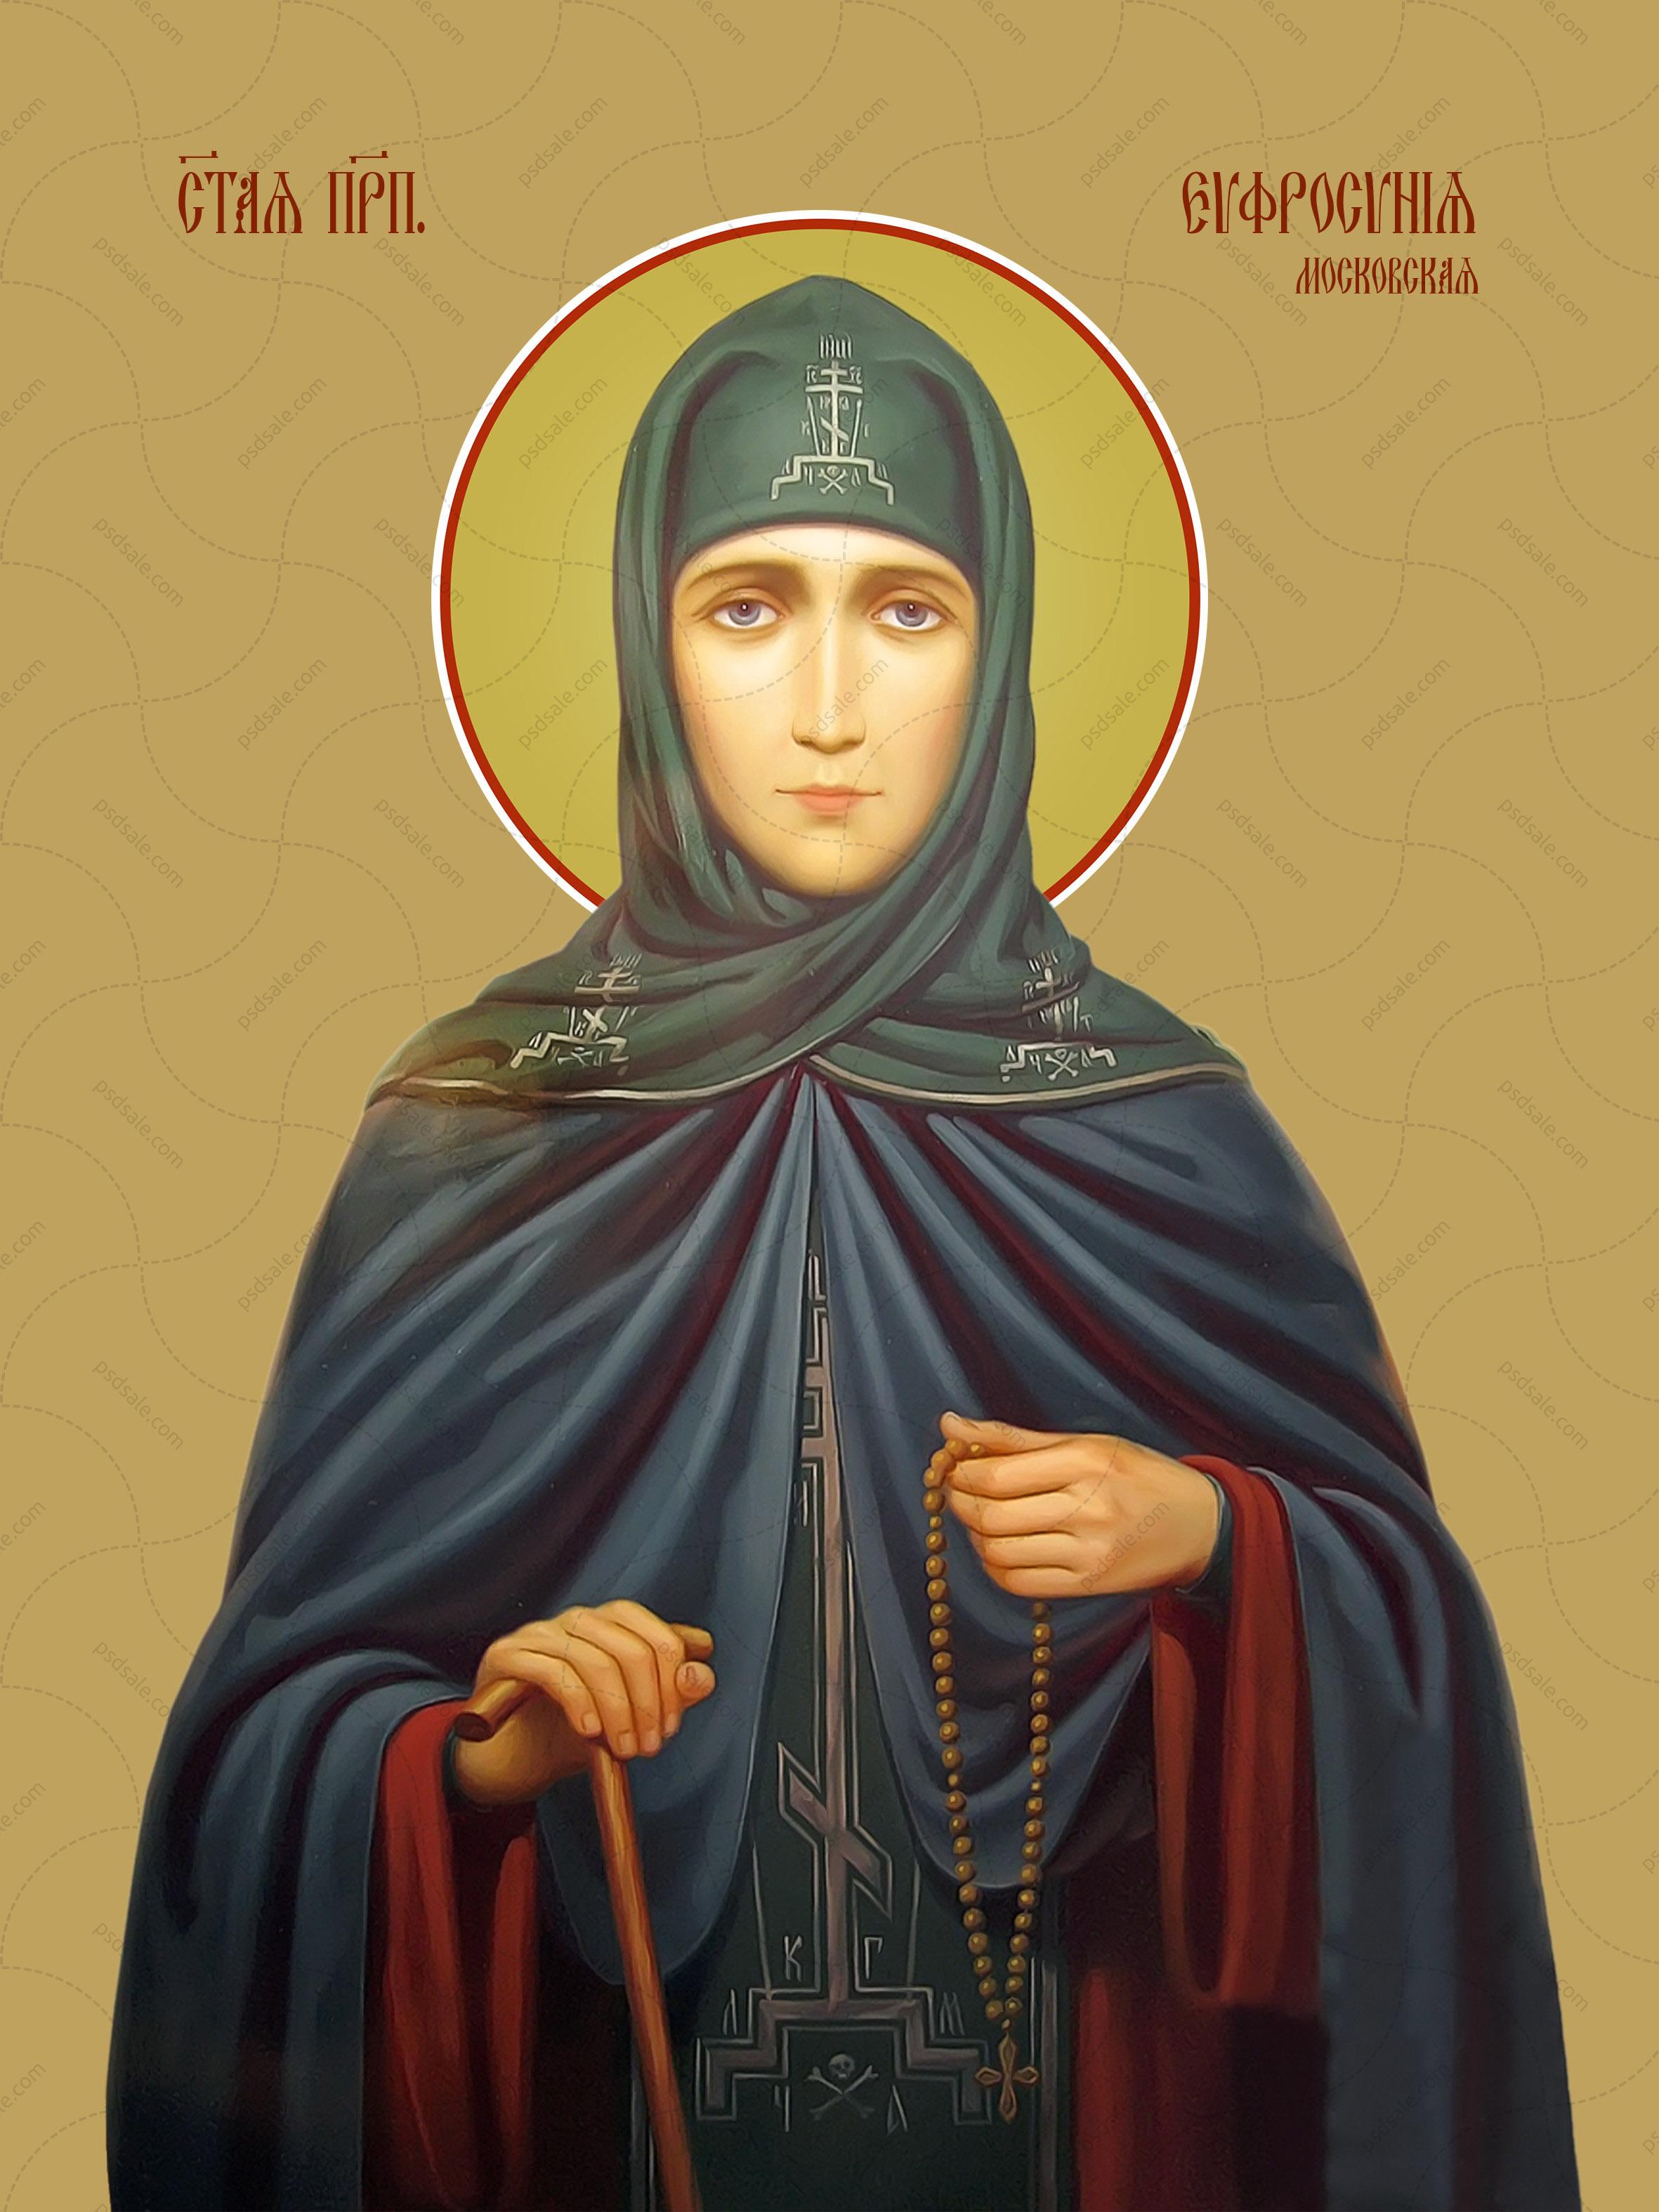 Евфросиния Московская (Евдокия)